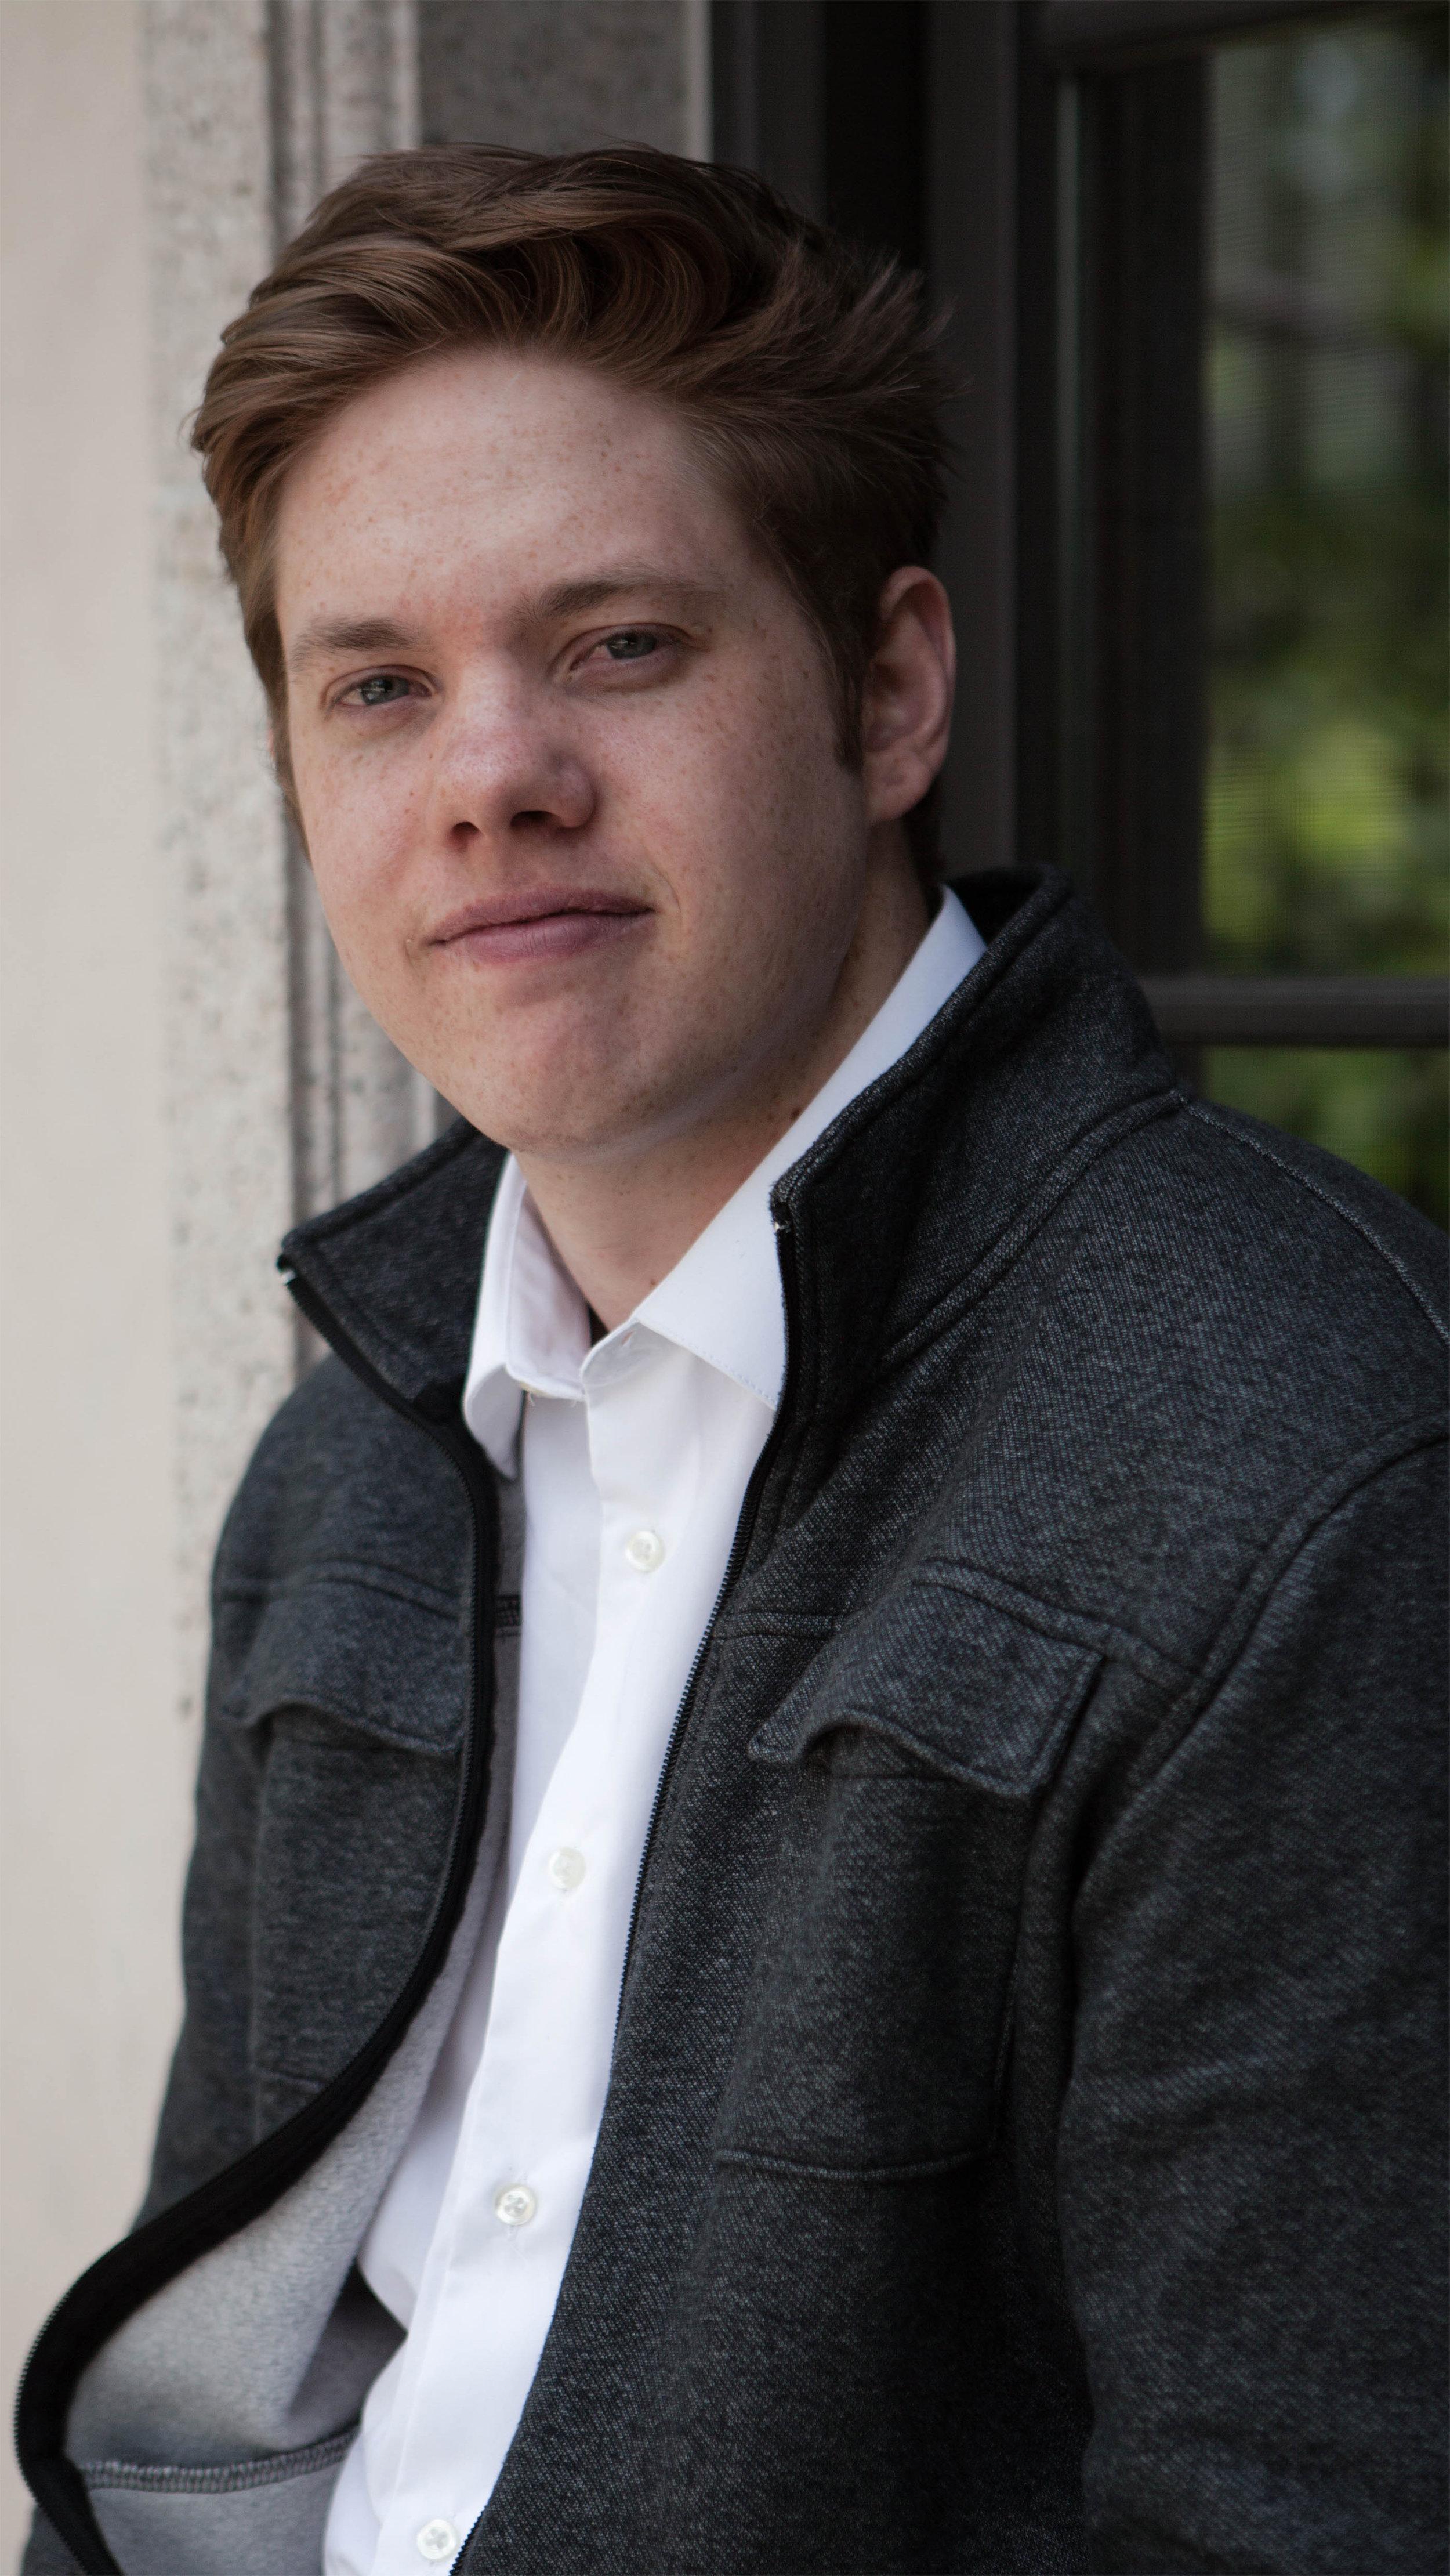 Lyle Hokanson